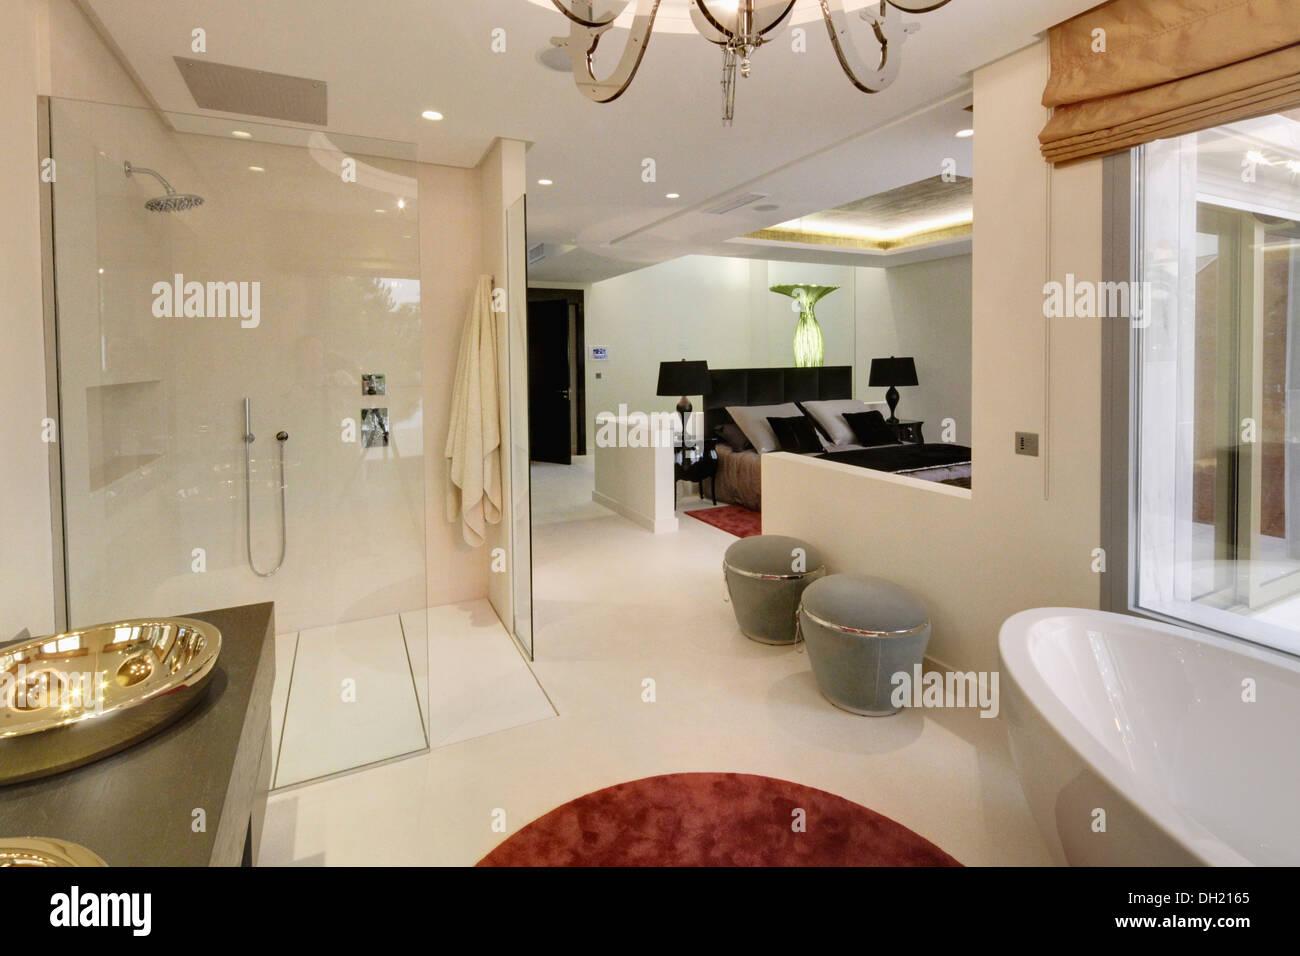 Großer Begehbarer Dusche Und Graue Stühle In Offene En Suite Badezimmer Im  Modernen Spanischen Wohnung Schlafzimmer